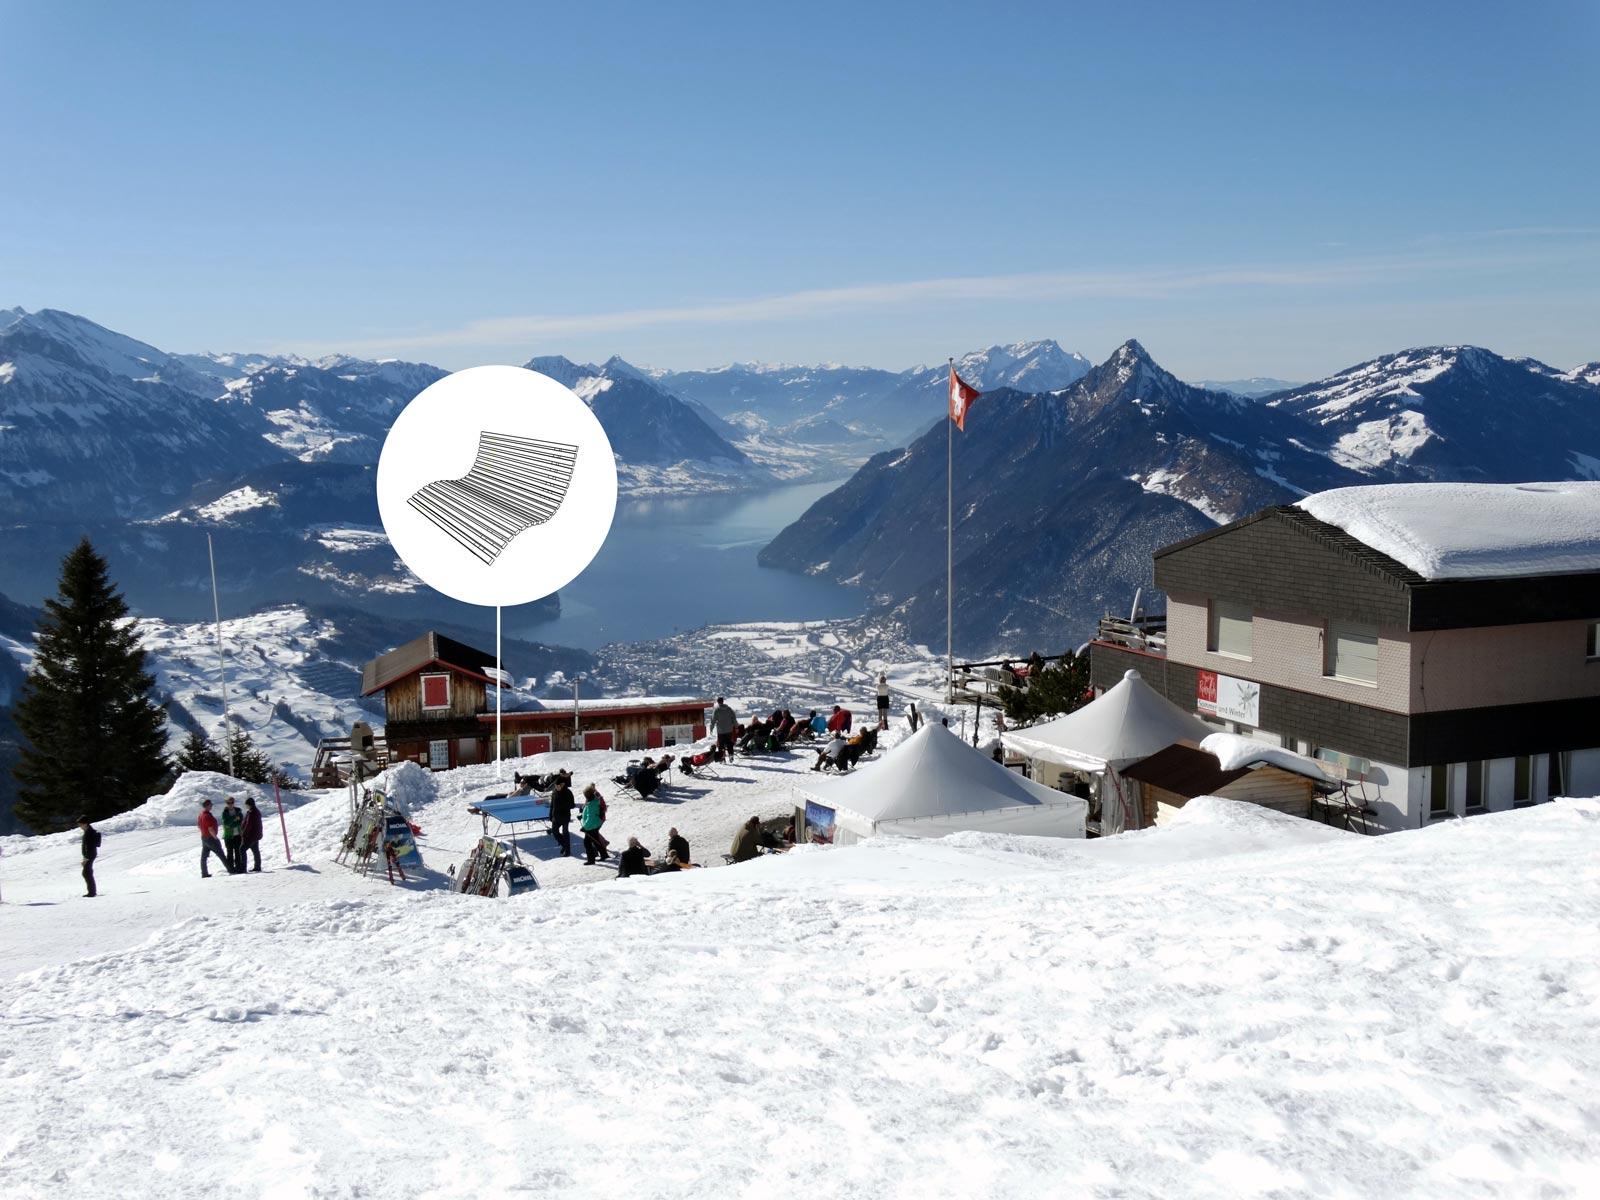 berghuette-sonnenliege-relaxliege-liegewelle-schneeschrauben-schwungliege